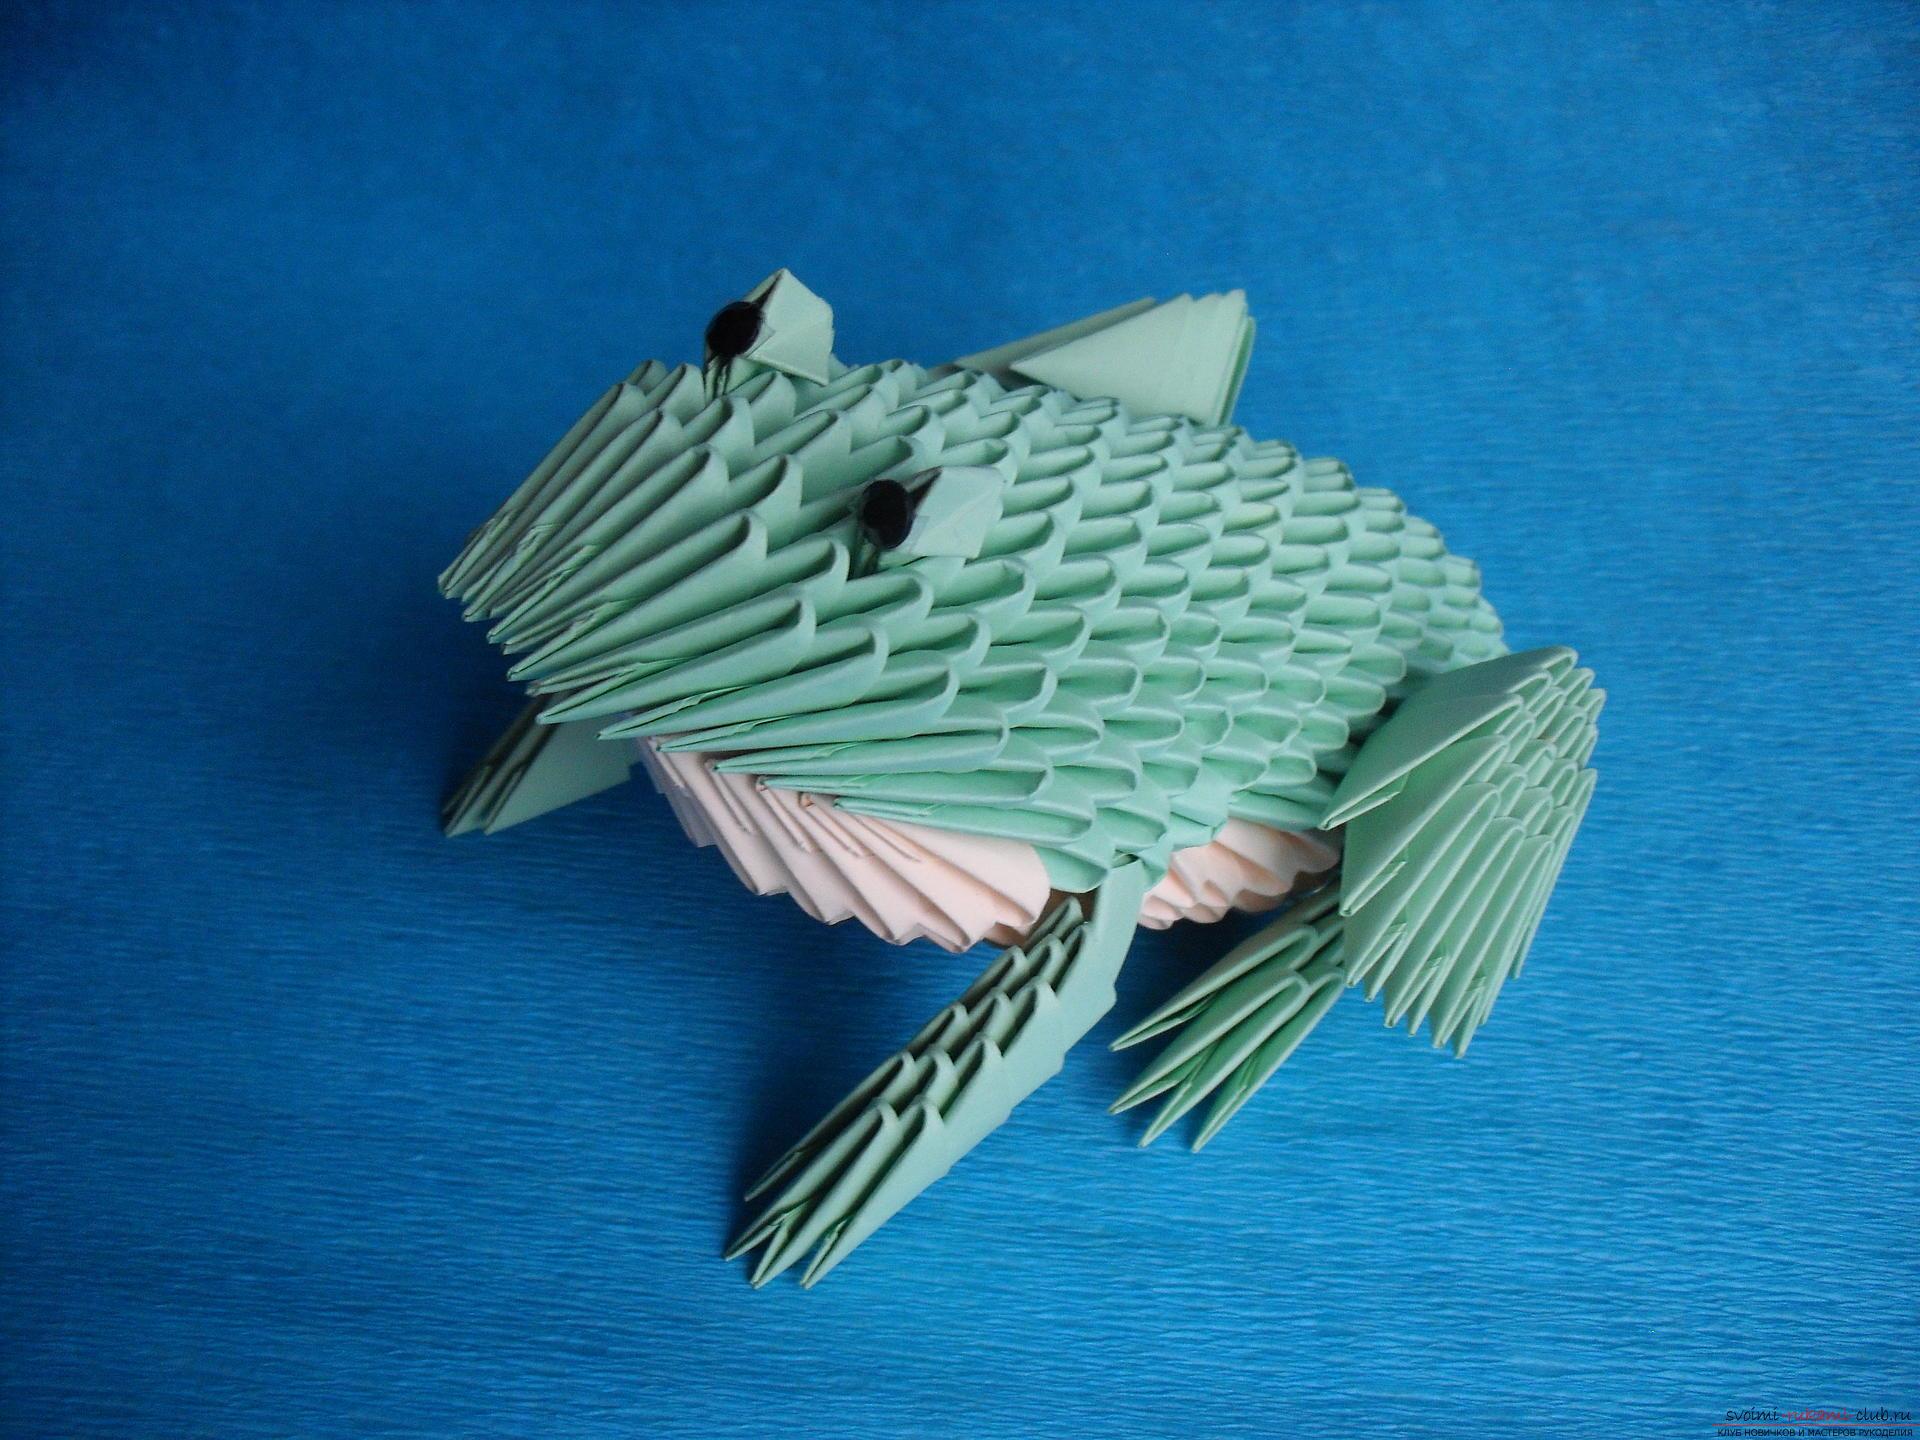 Этот мастер-класс расскажет как сделать поделку из модульных оригами - лягушку.. Фото №24